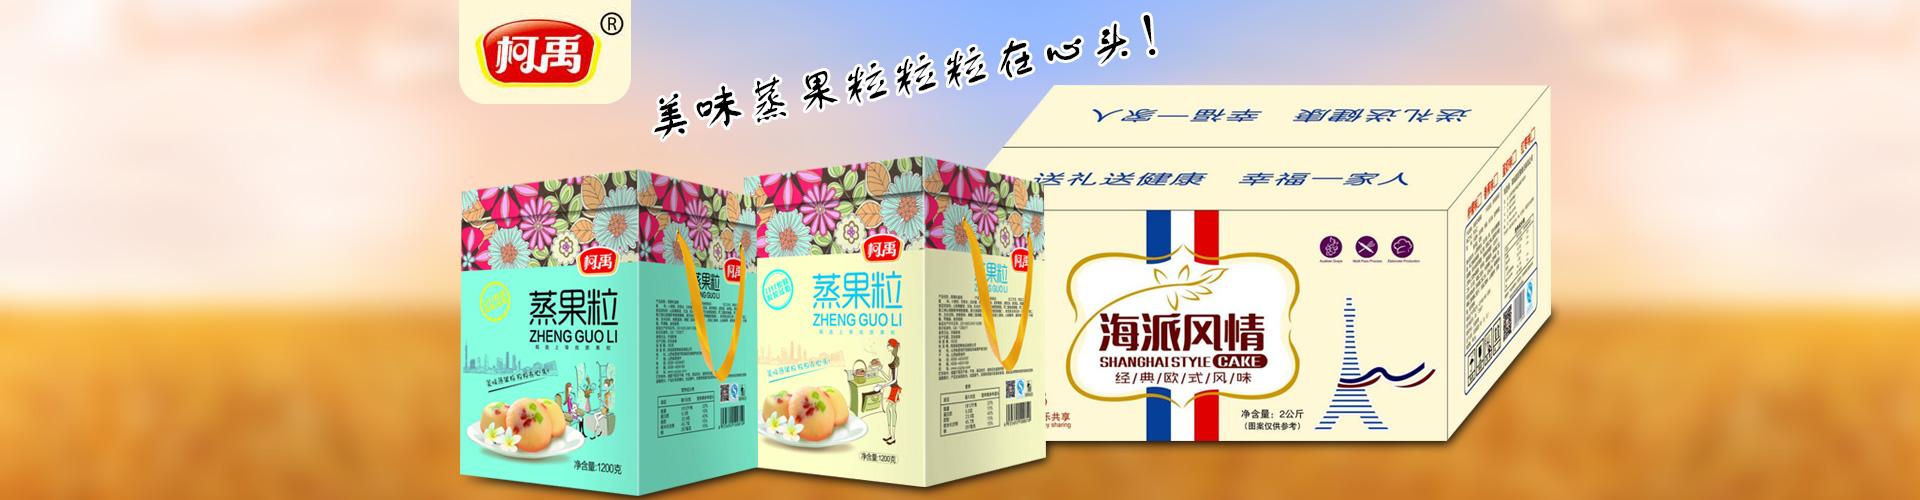 阳城晋豫食品有限公司